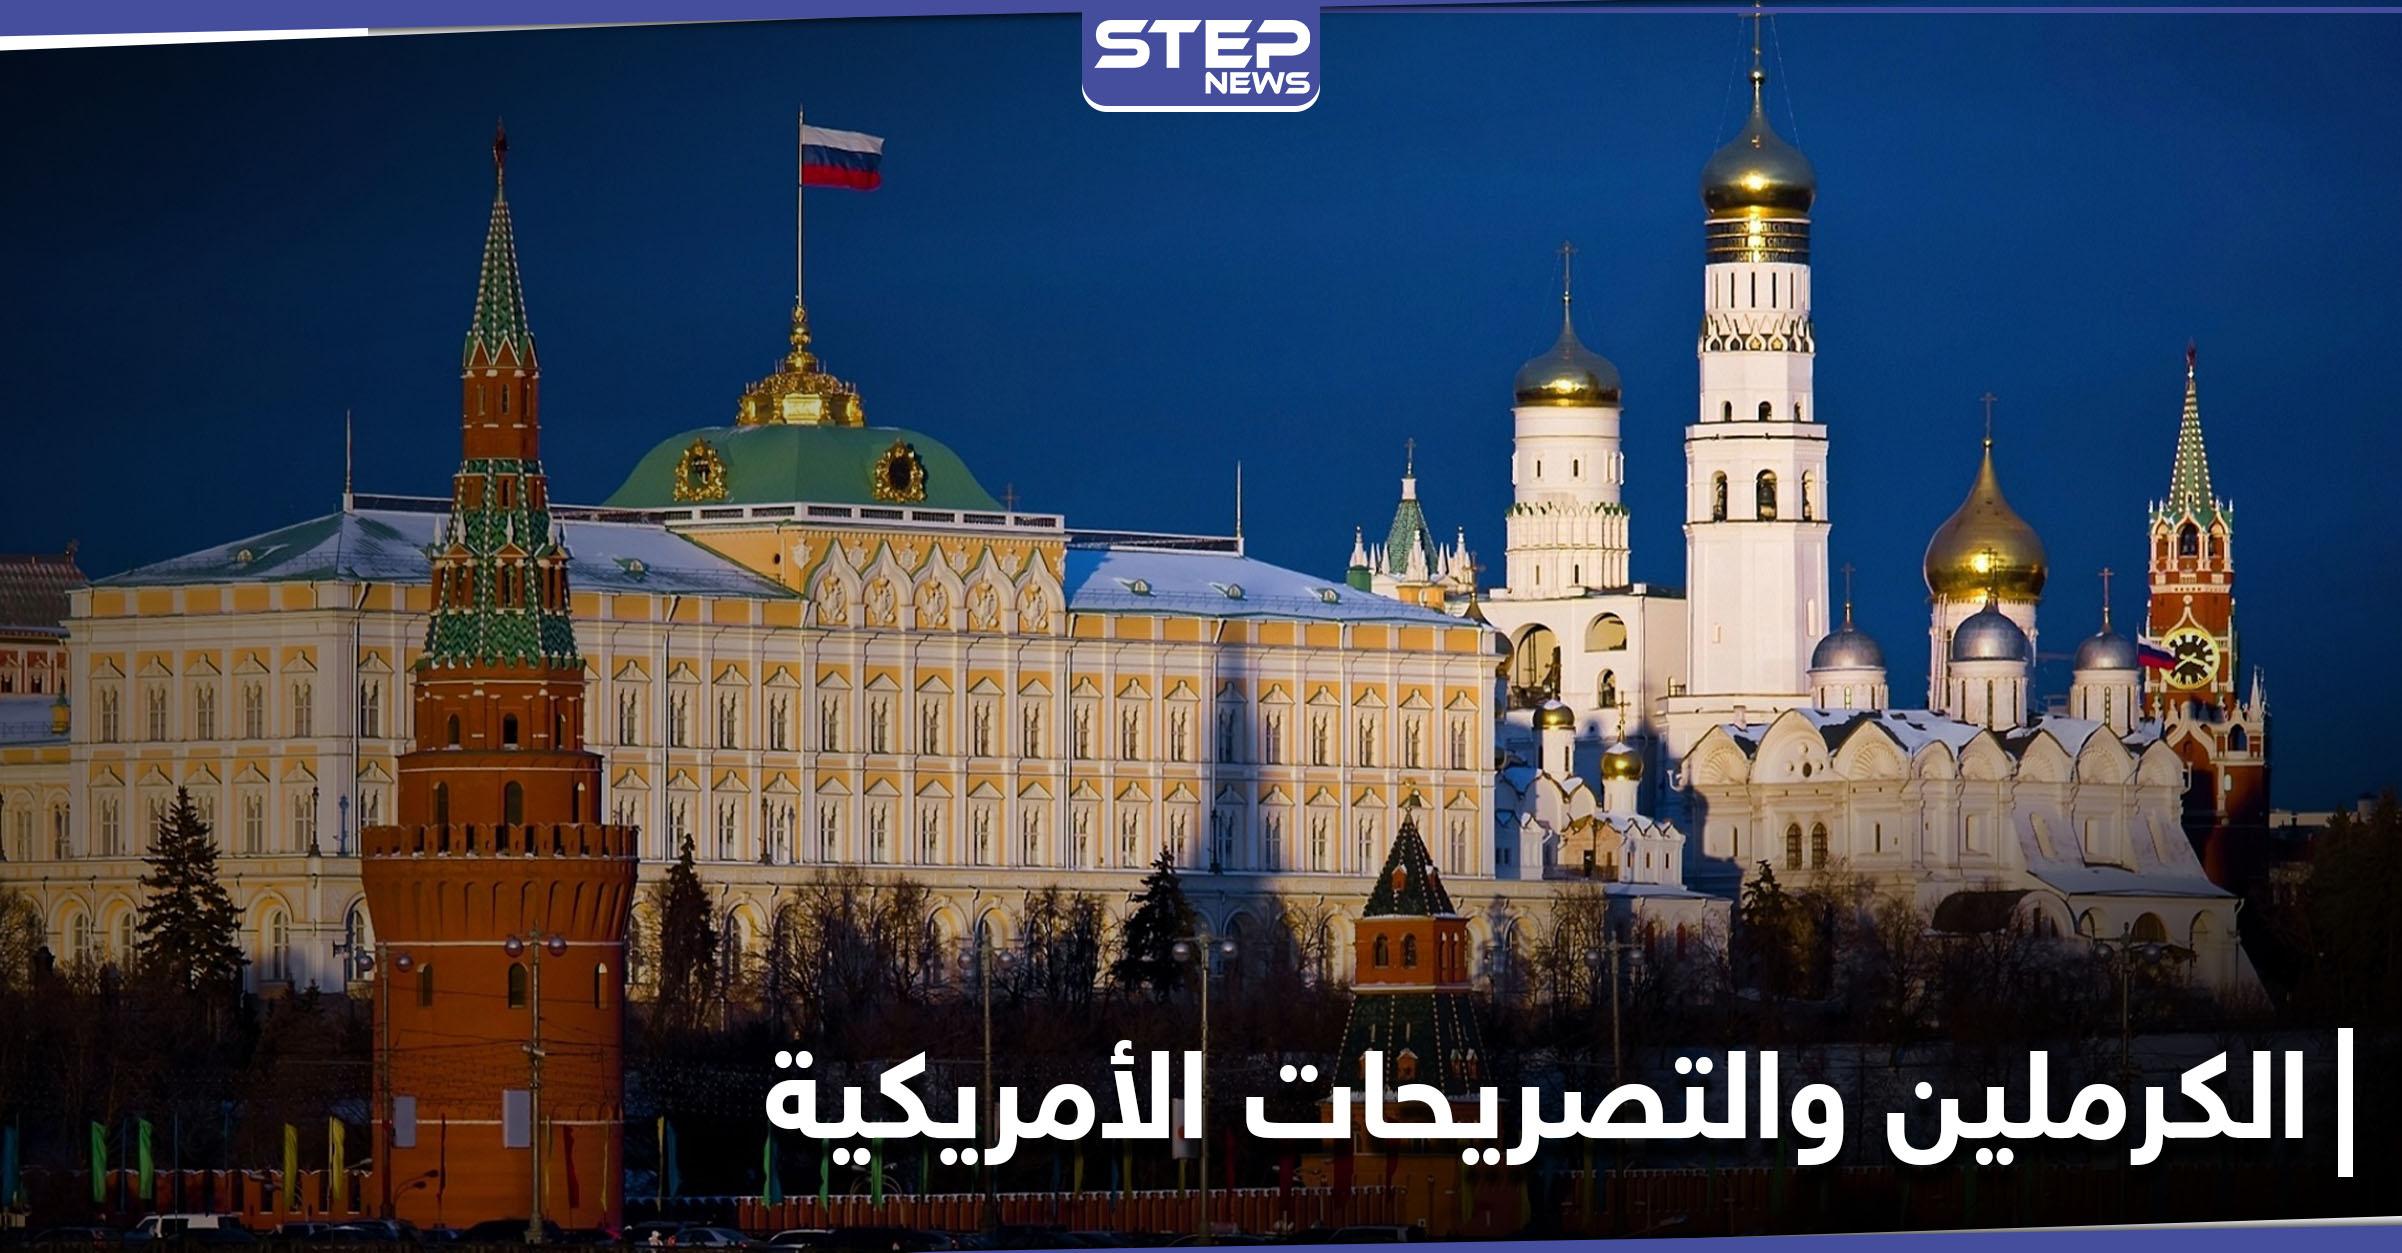 """الكرملين يصف تصريحات بايدن بشأن روسيا بــ """"العدوانية"""""""